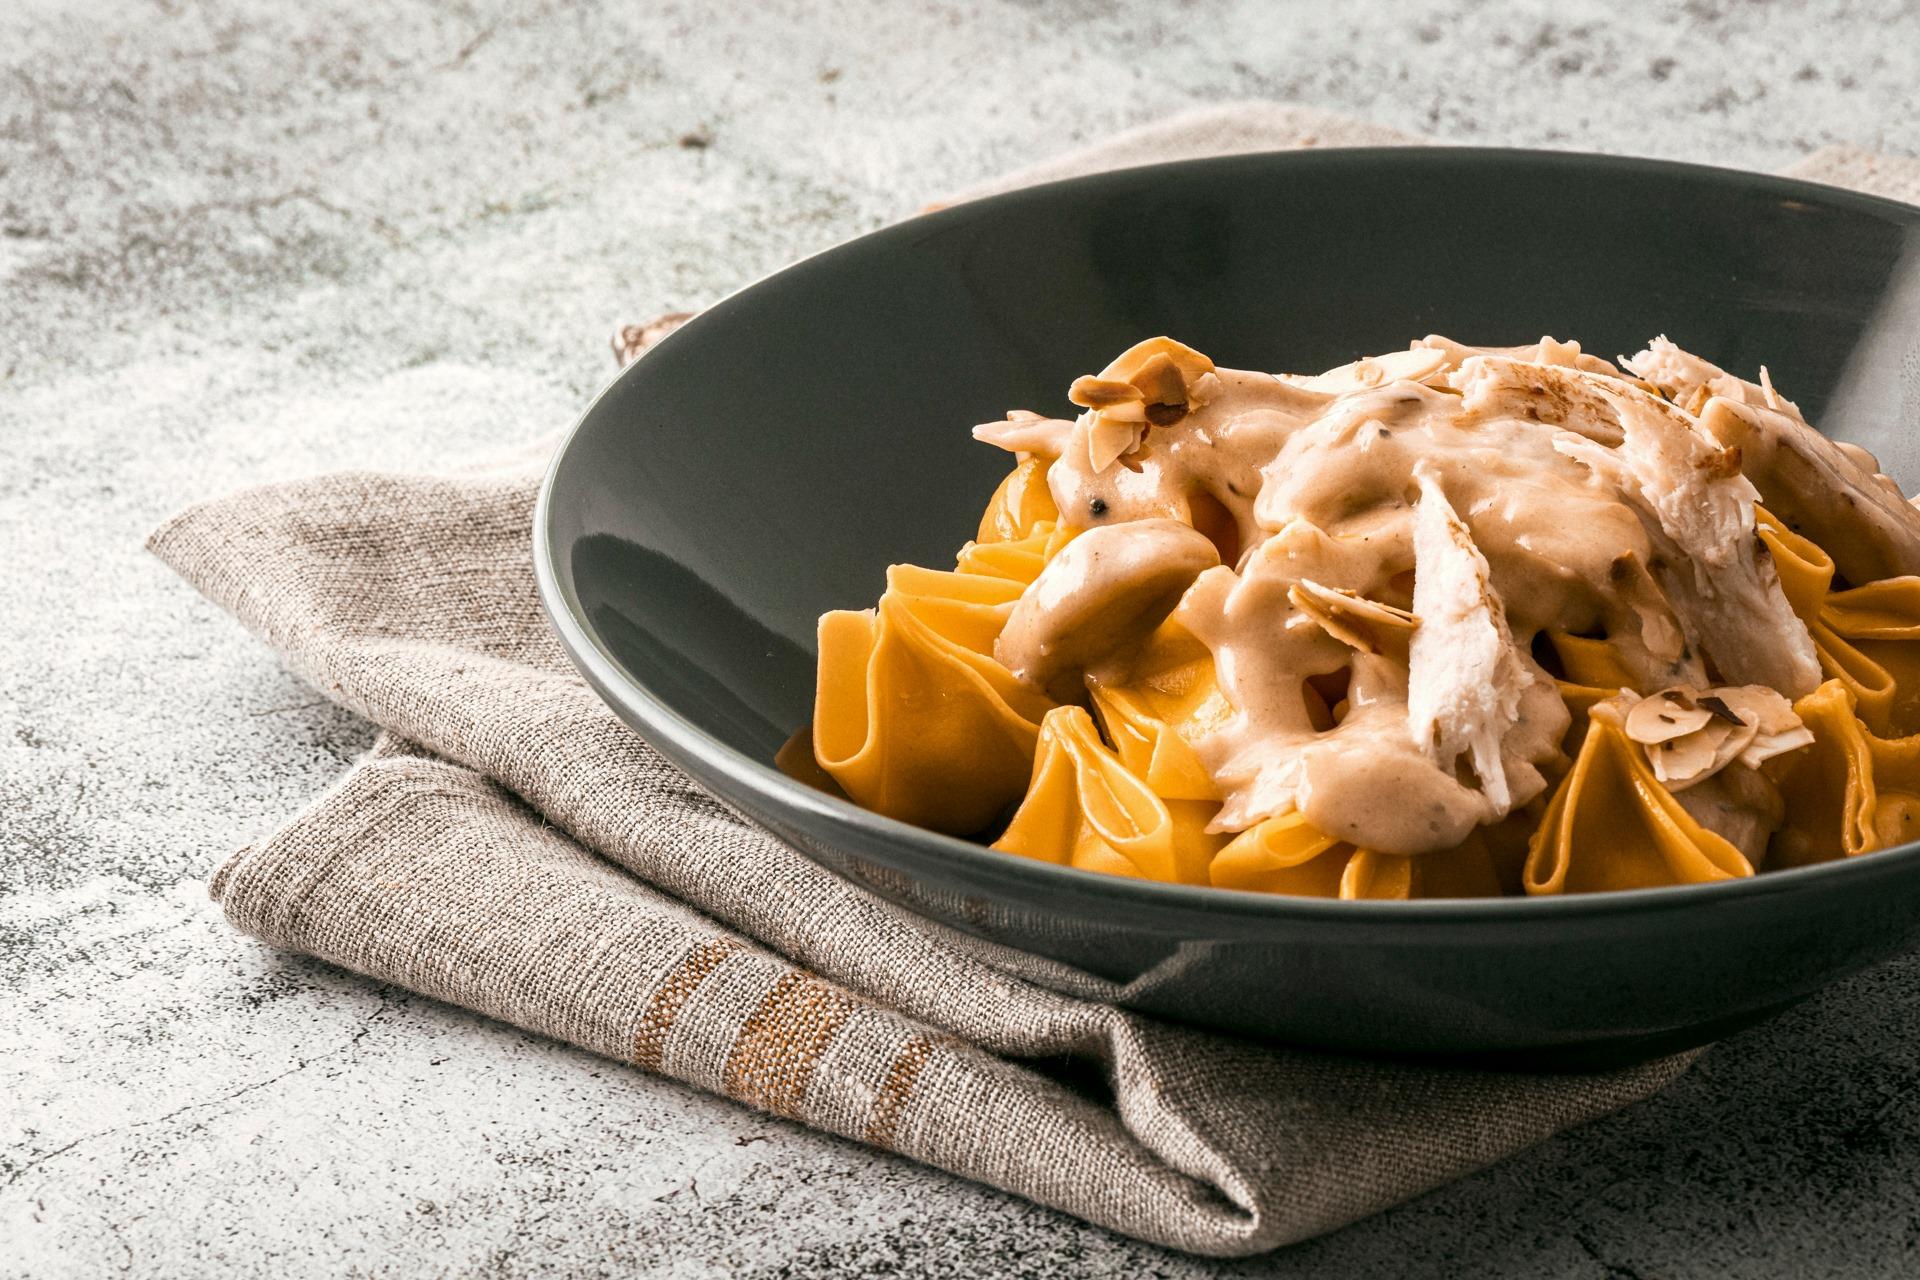 cerveza y pasta italiana - Que cervezas acompañan a tus platos de pasta